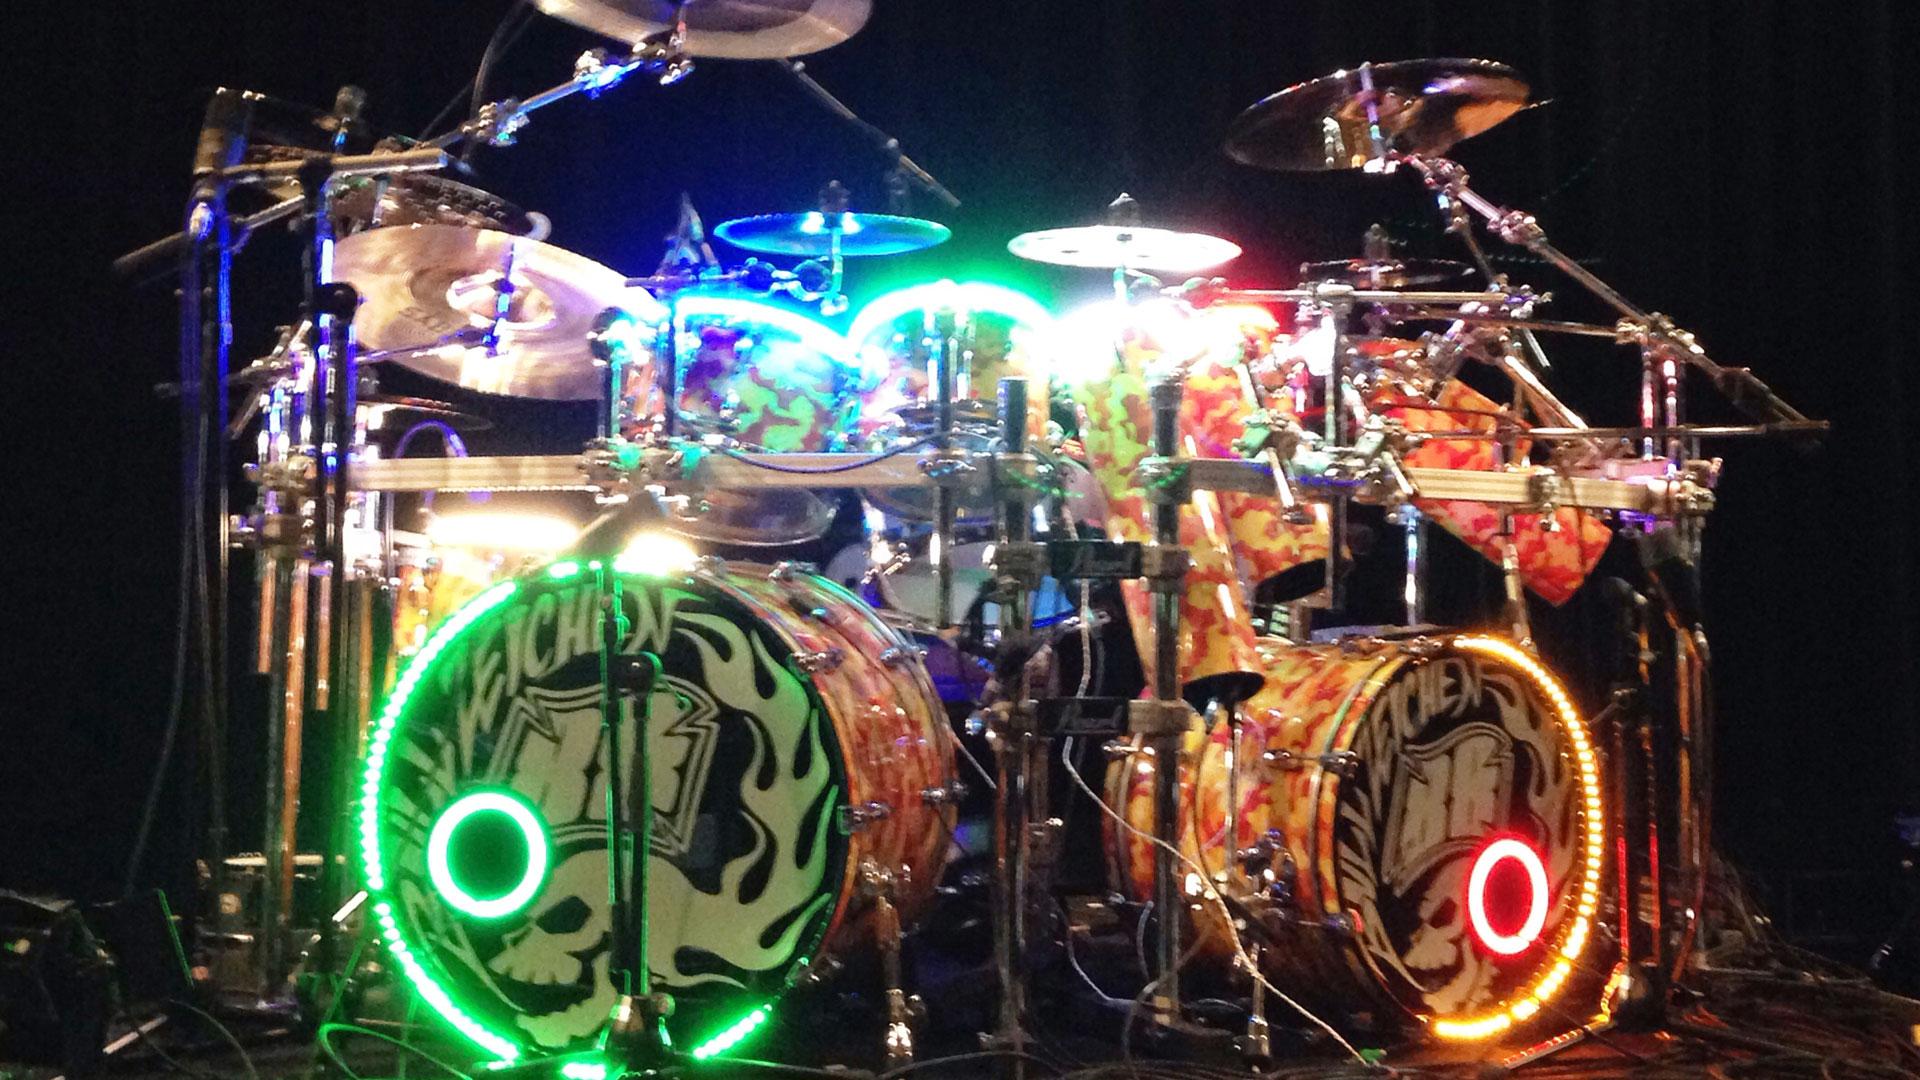 光るドラム!ドラム・ライトニング・システム7月26日発売!